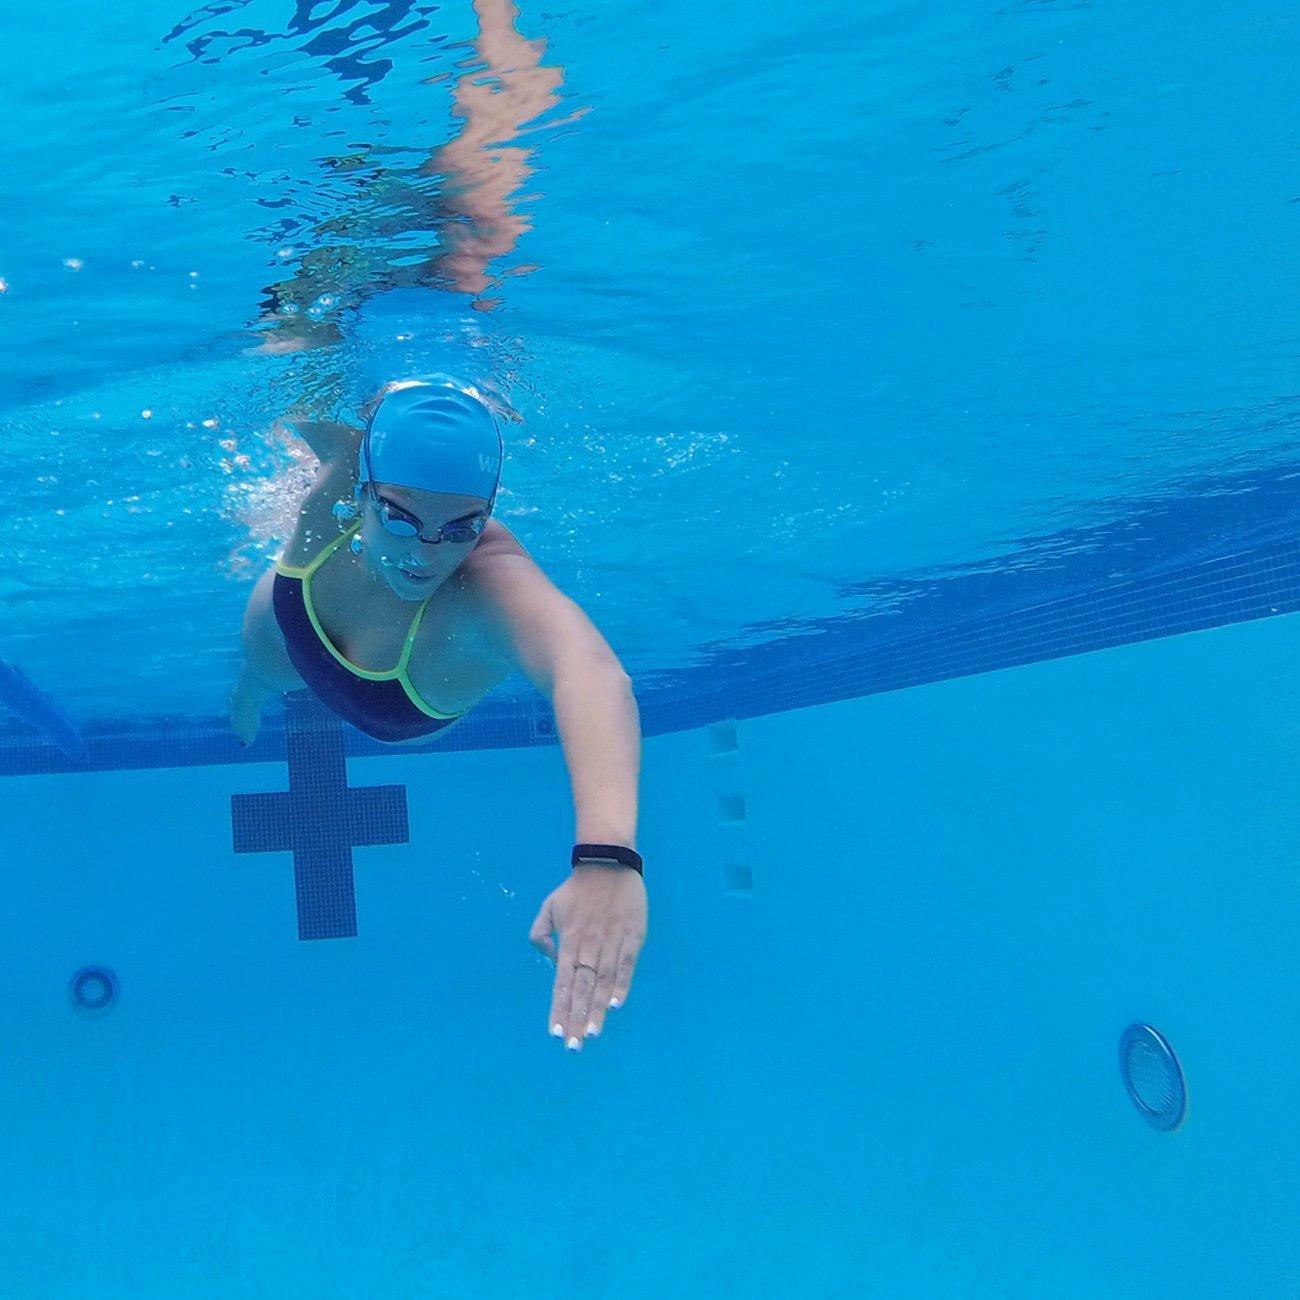 microsoft band swimming